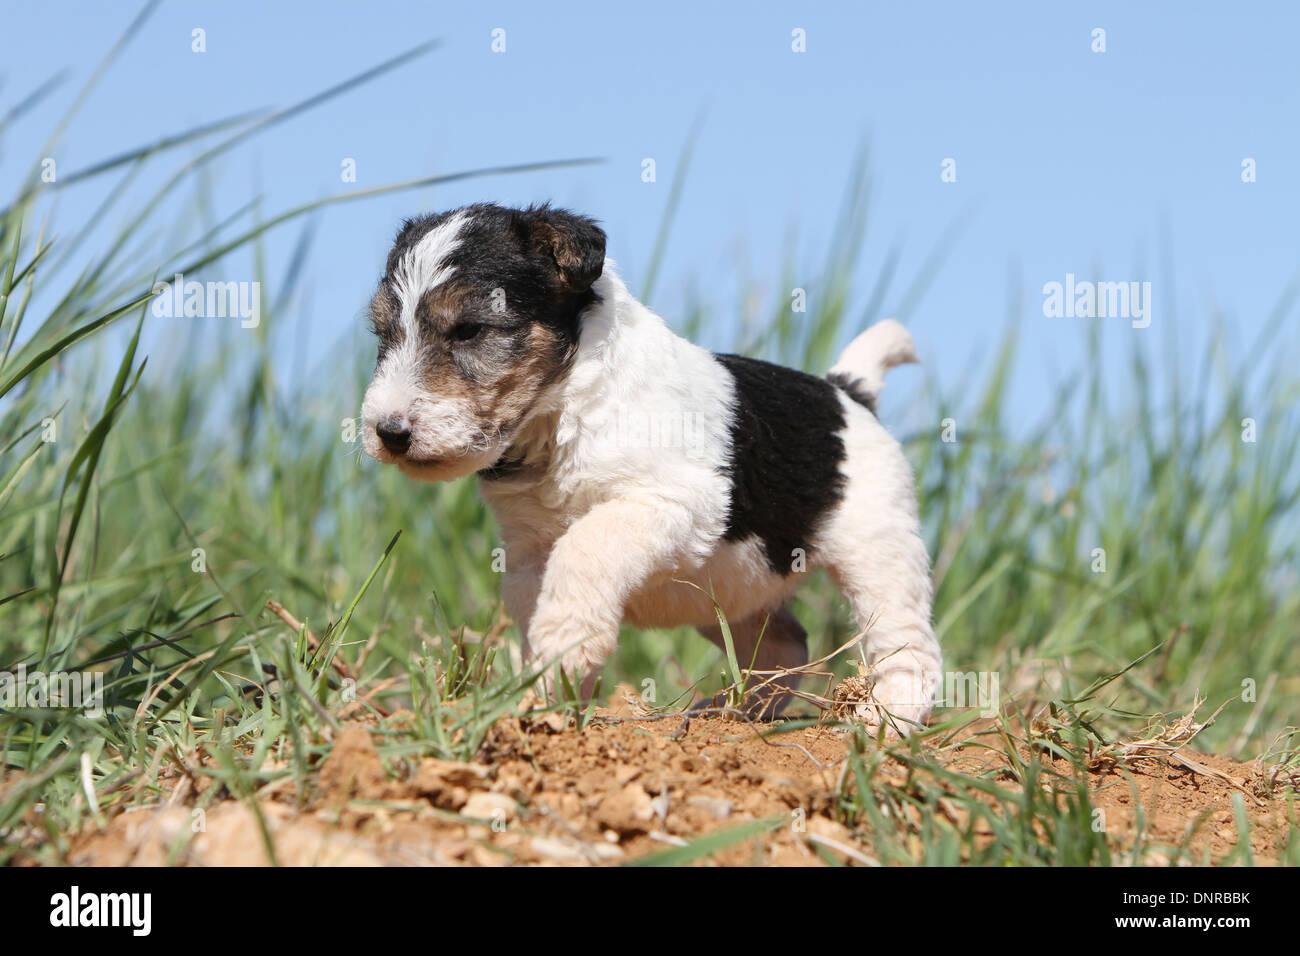 Fox Terrier Wirehaired Stockfotos & Fox Terrier Wirehaired Bilder ...